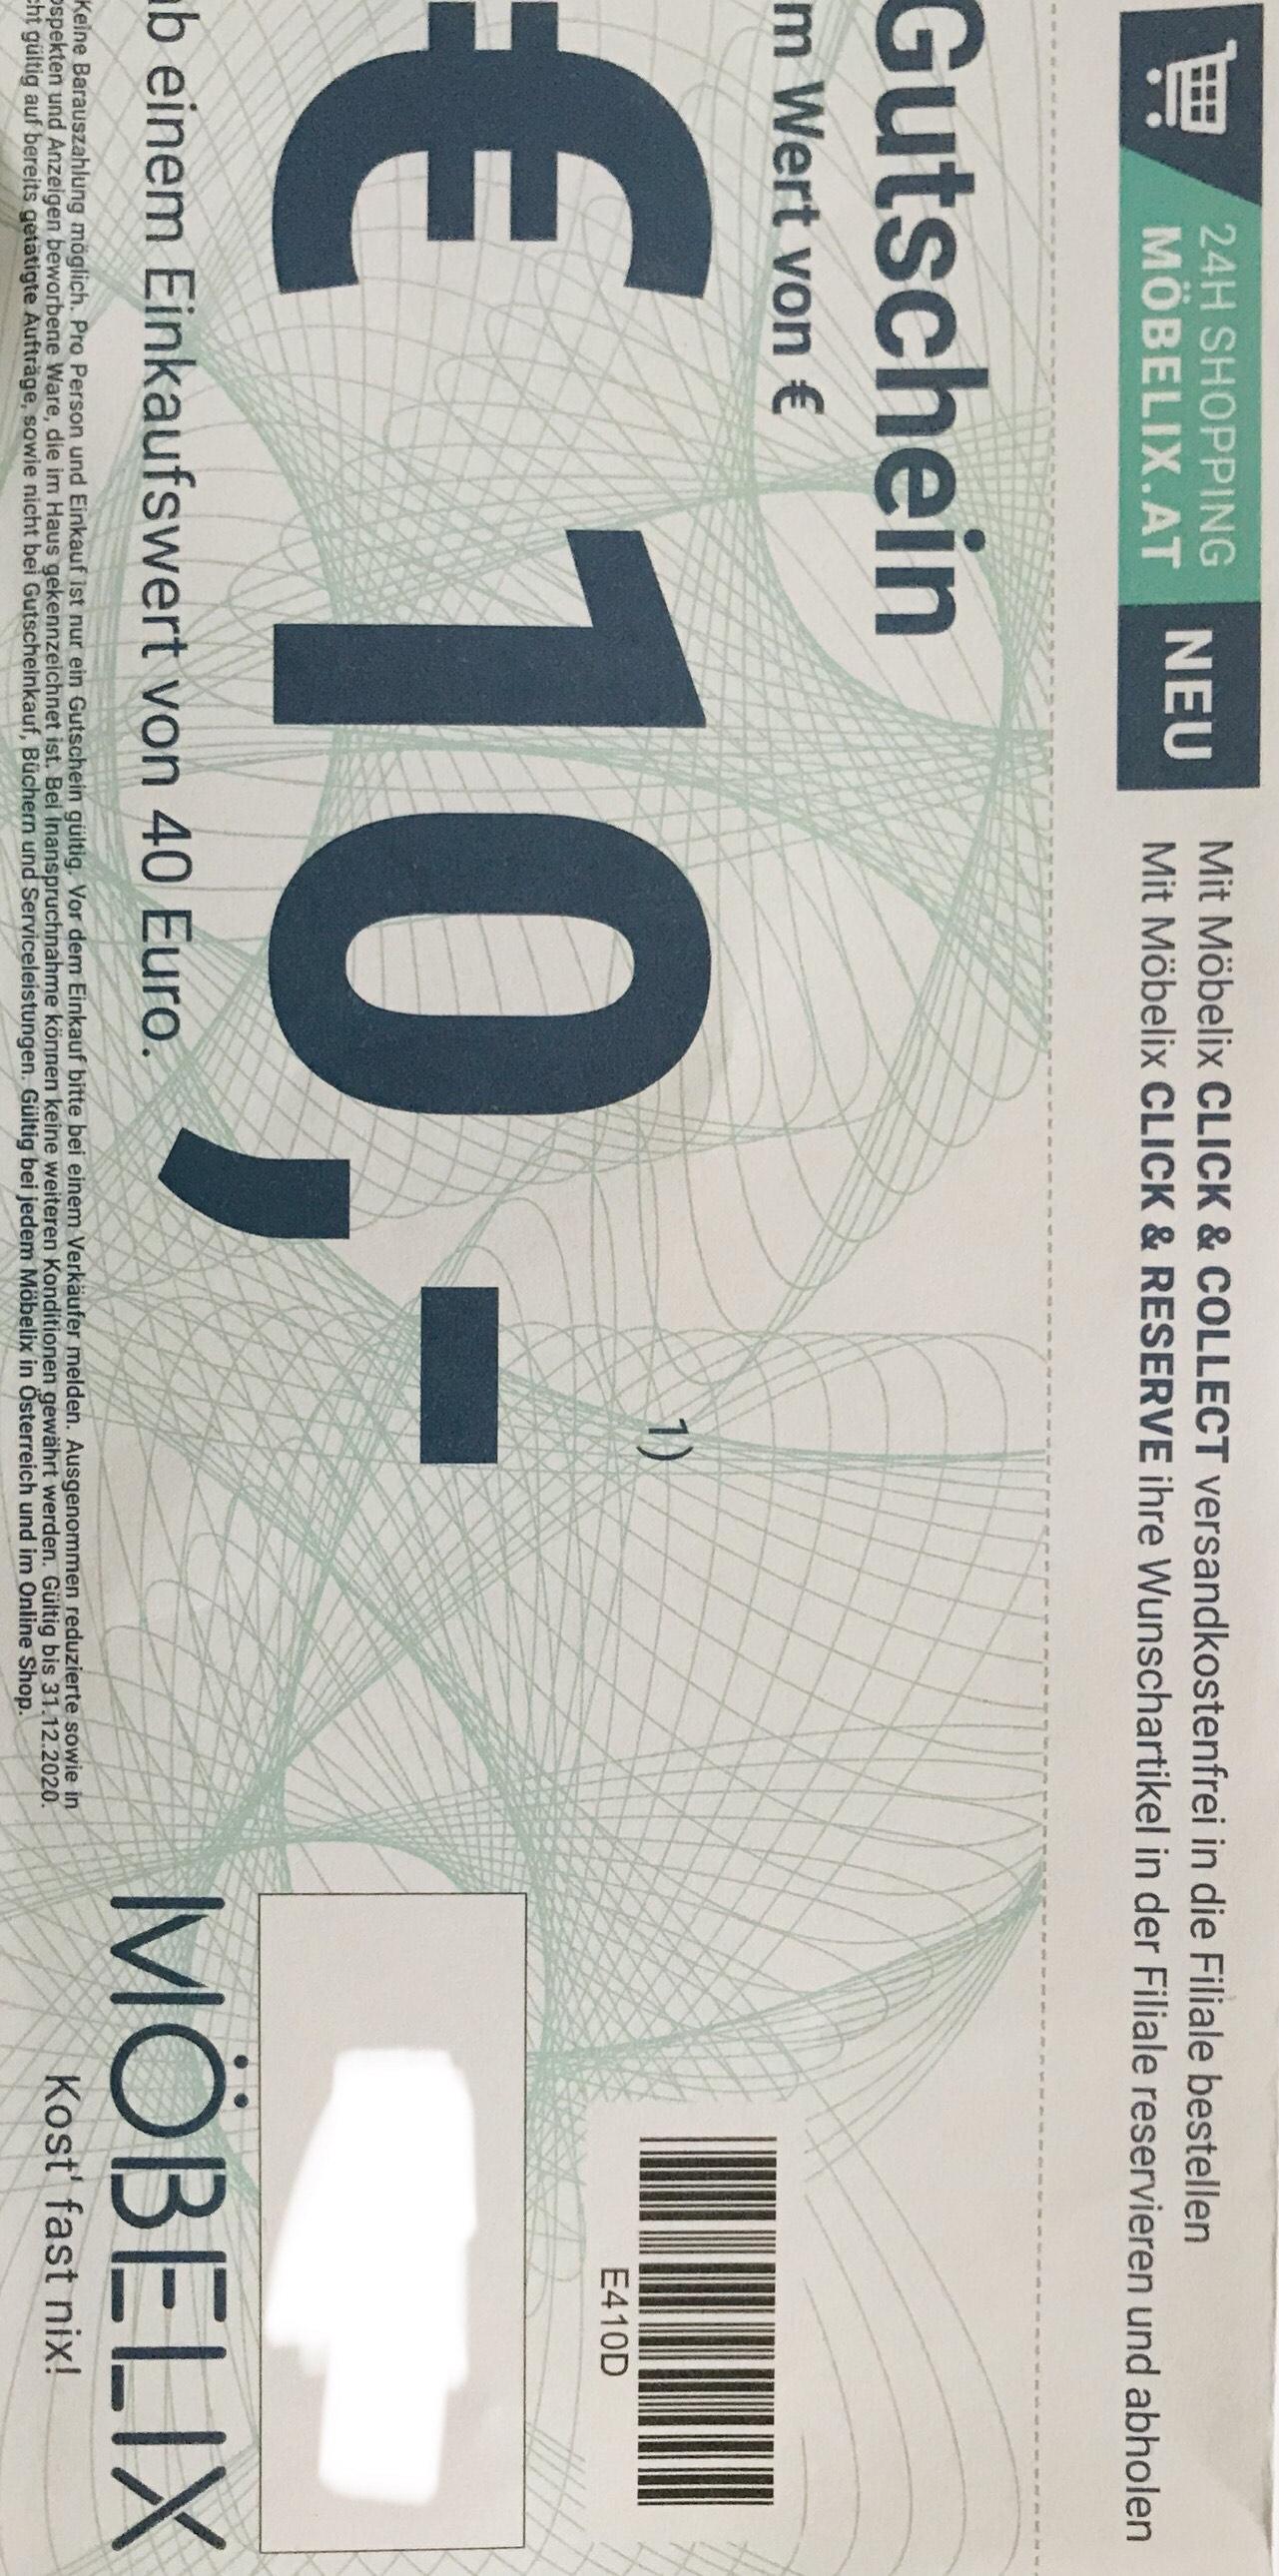 Möbelix € 10,- Gutschein ab Einkaufswert € 40,-